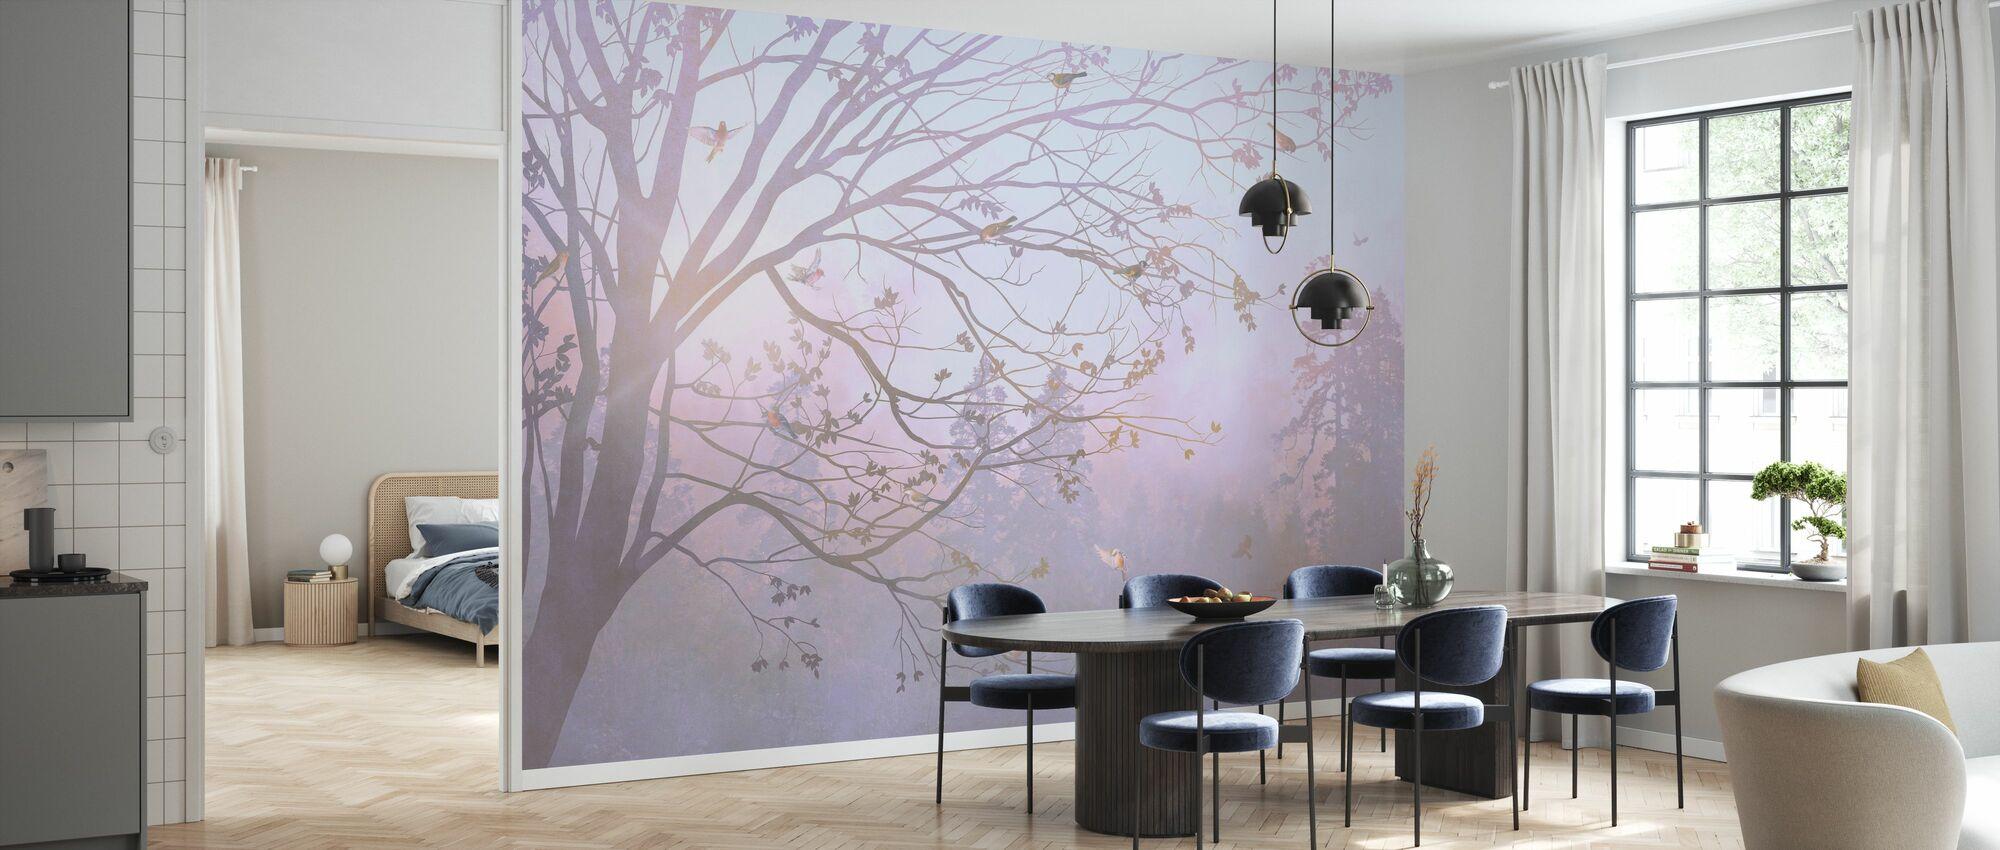 Illuminated Tree II - Wallpaper - Kitchen